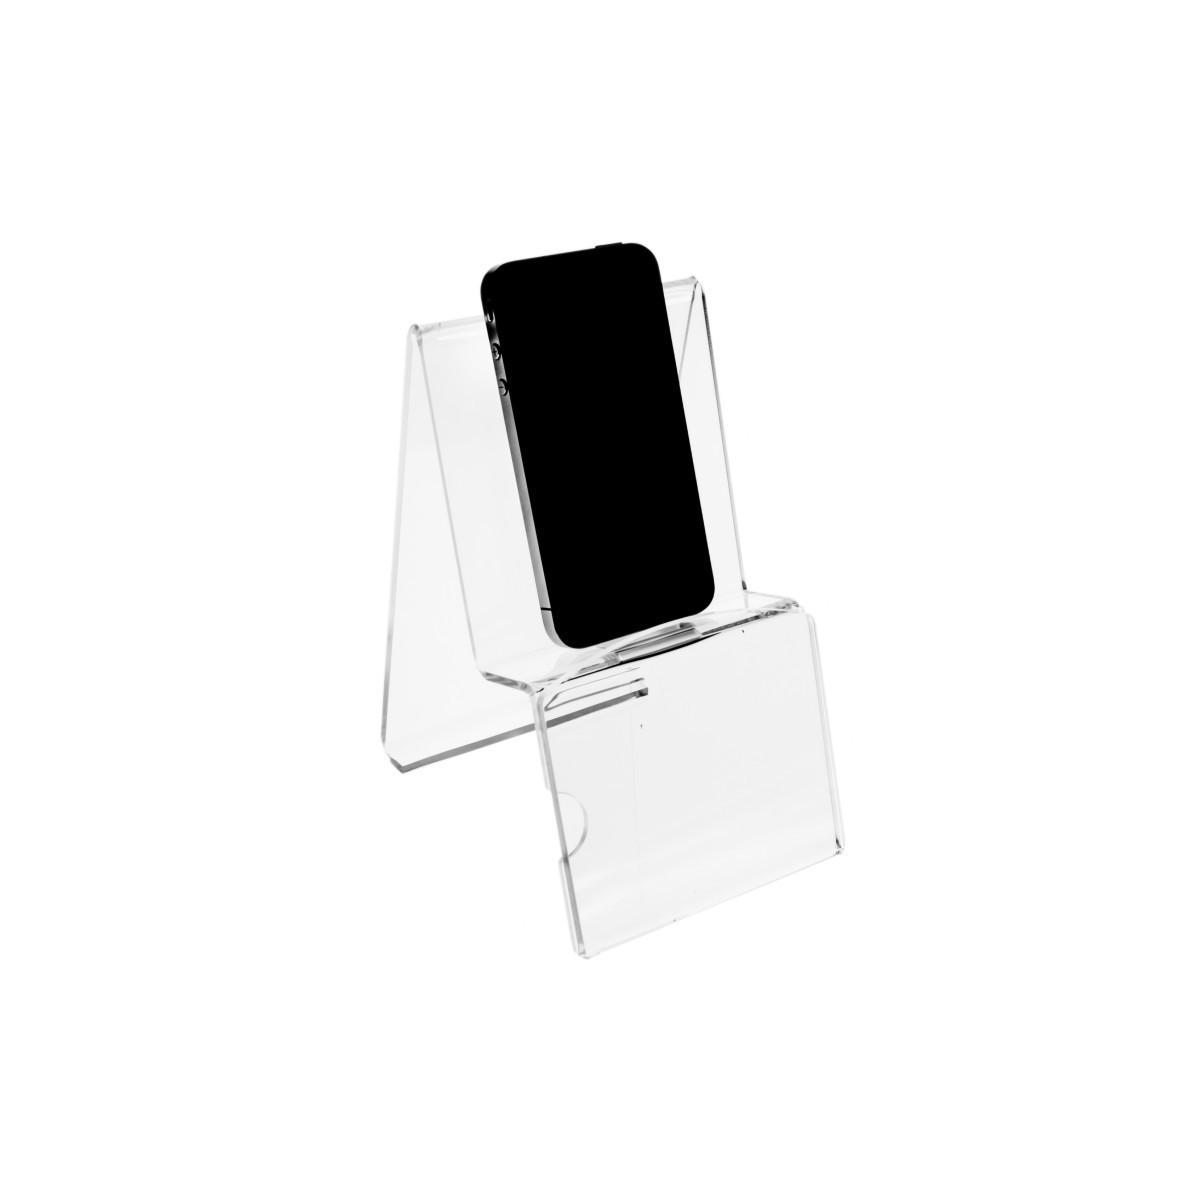 E-081 PT - Portacellulare in plexiglass - Misura: 10x13x H16 cm